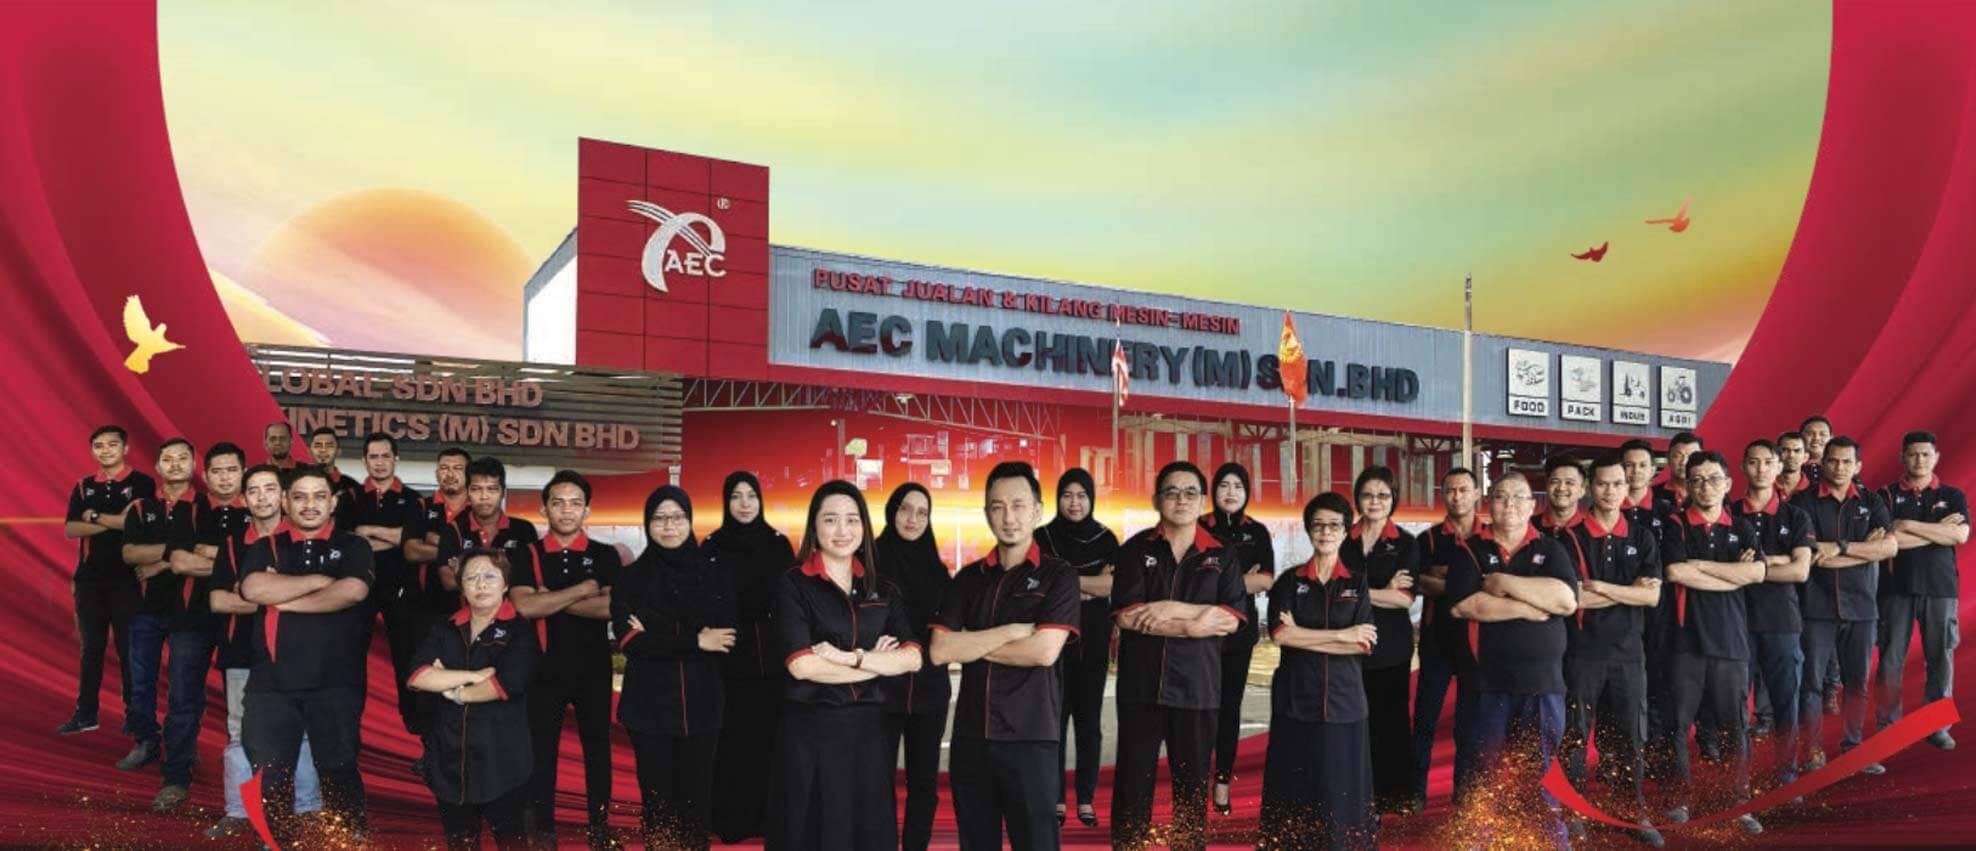 aec-machinery